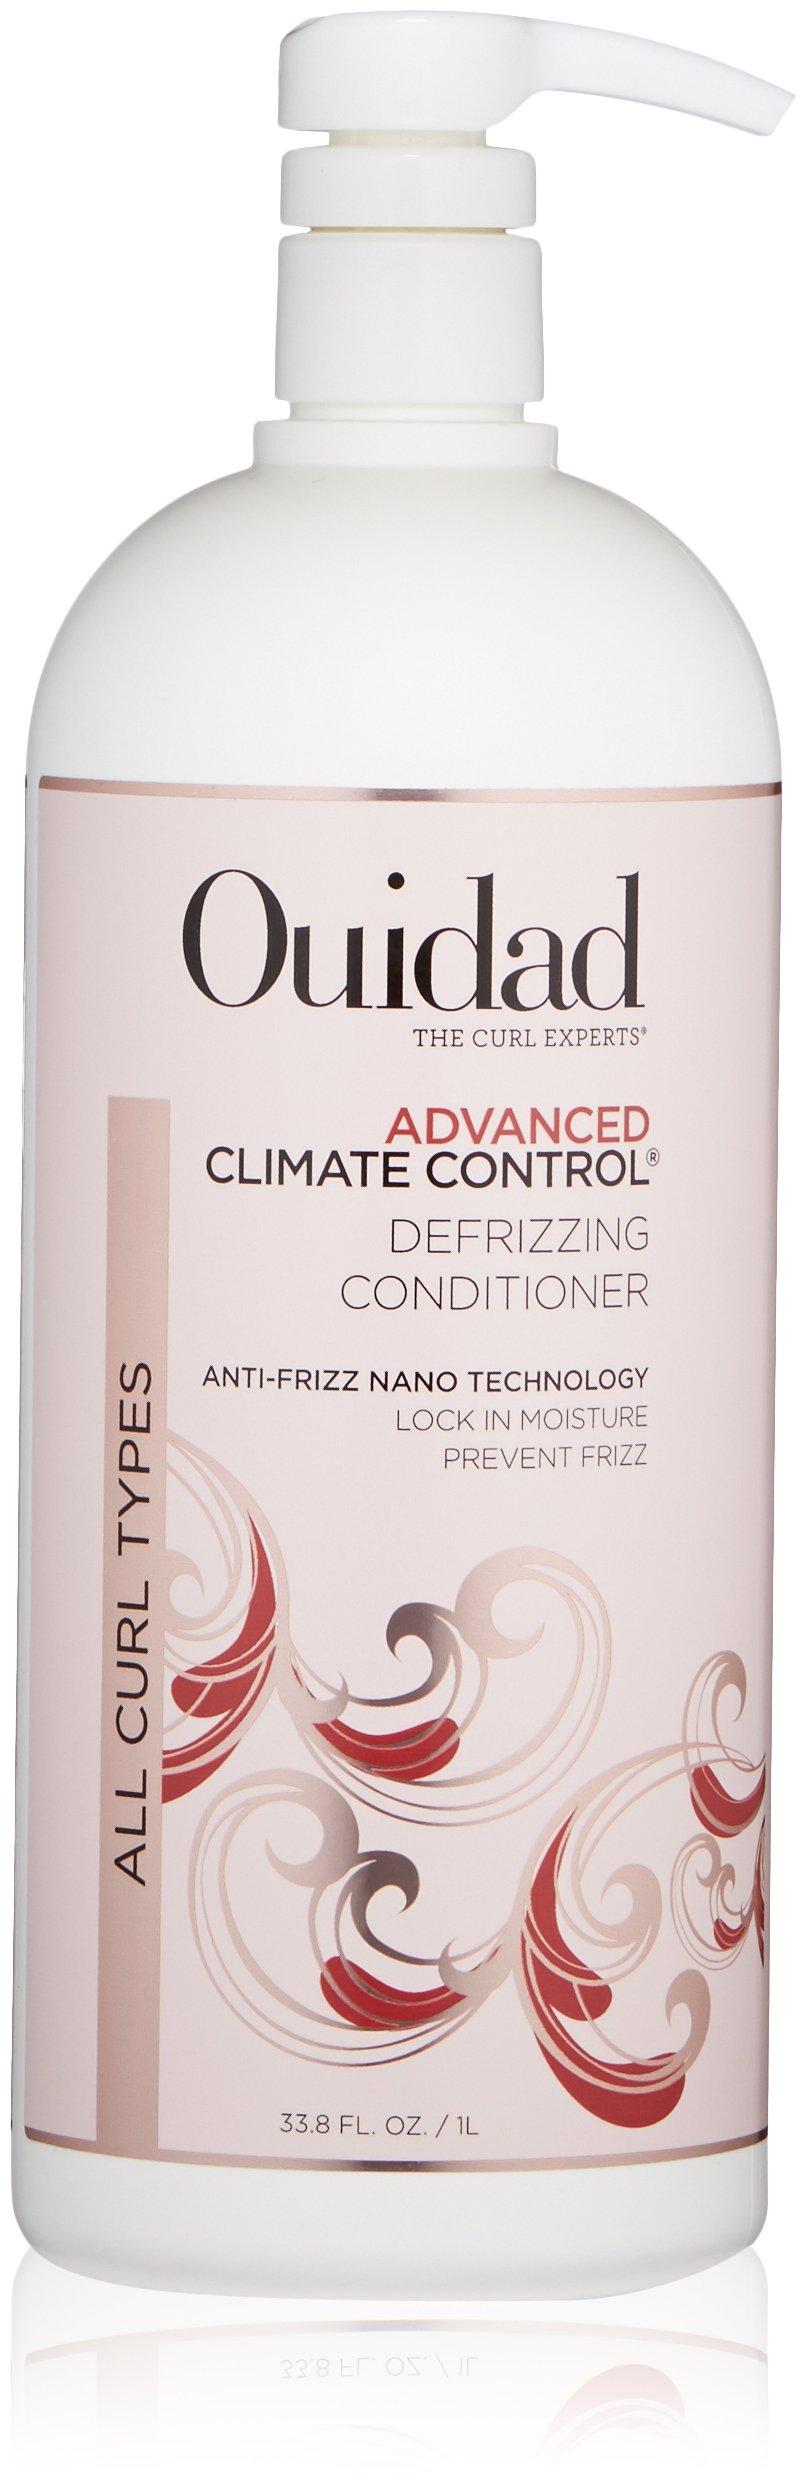 OUIDAD Advanced Climate Control Defrizzing Conditioner, 33.8 Fl Oz by Ouidad